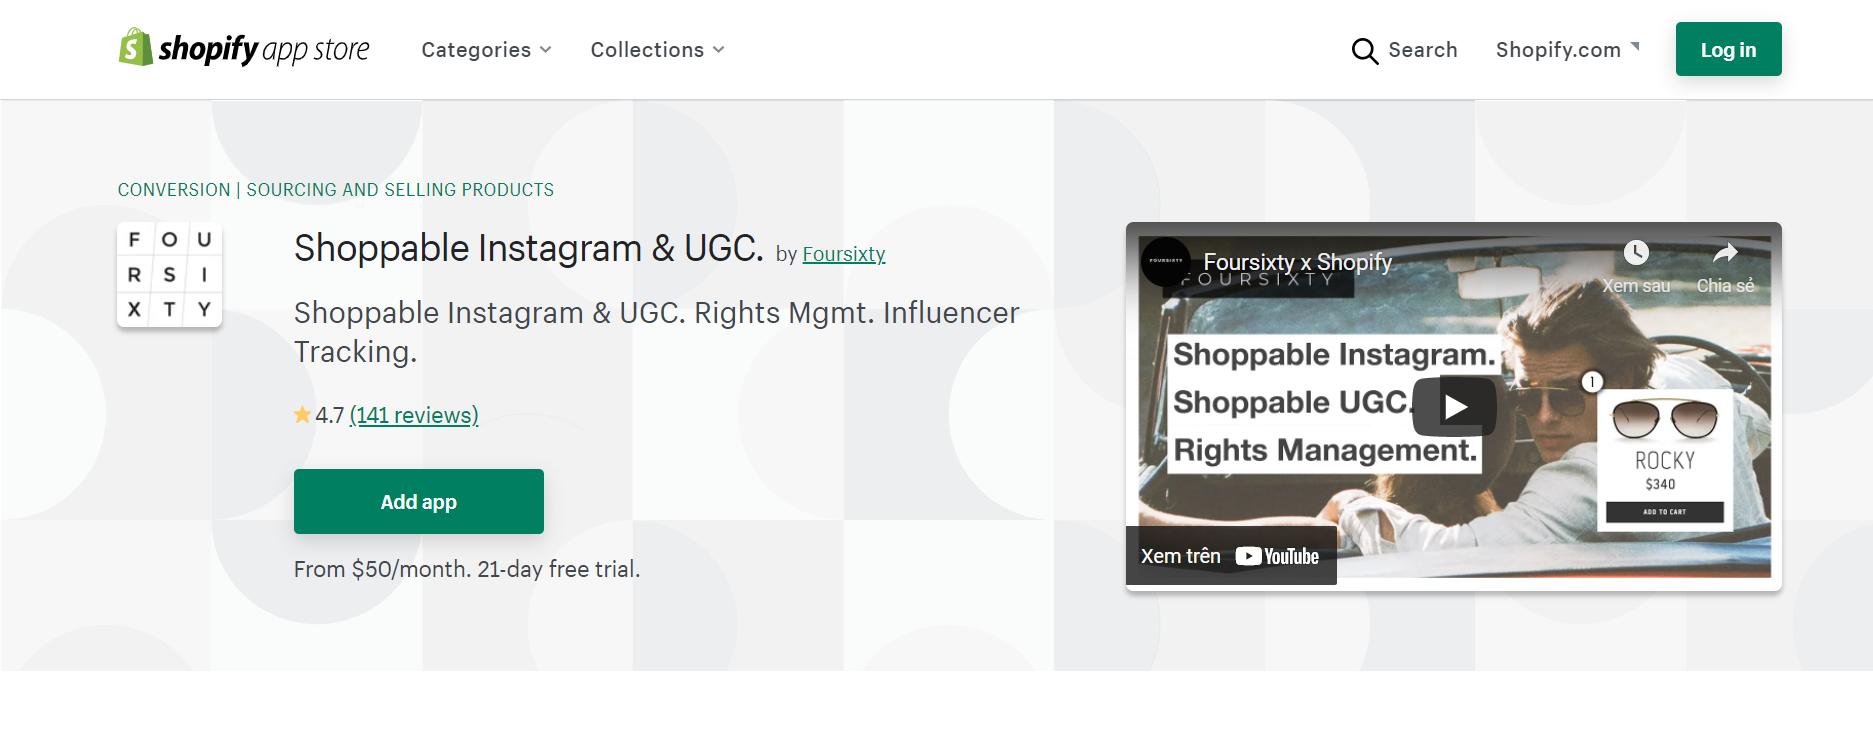 shoppable instagram & ugc by foursixty